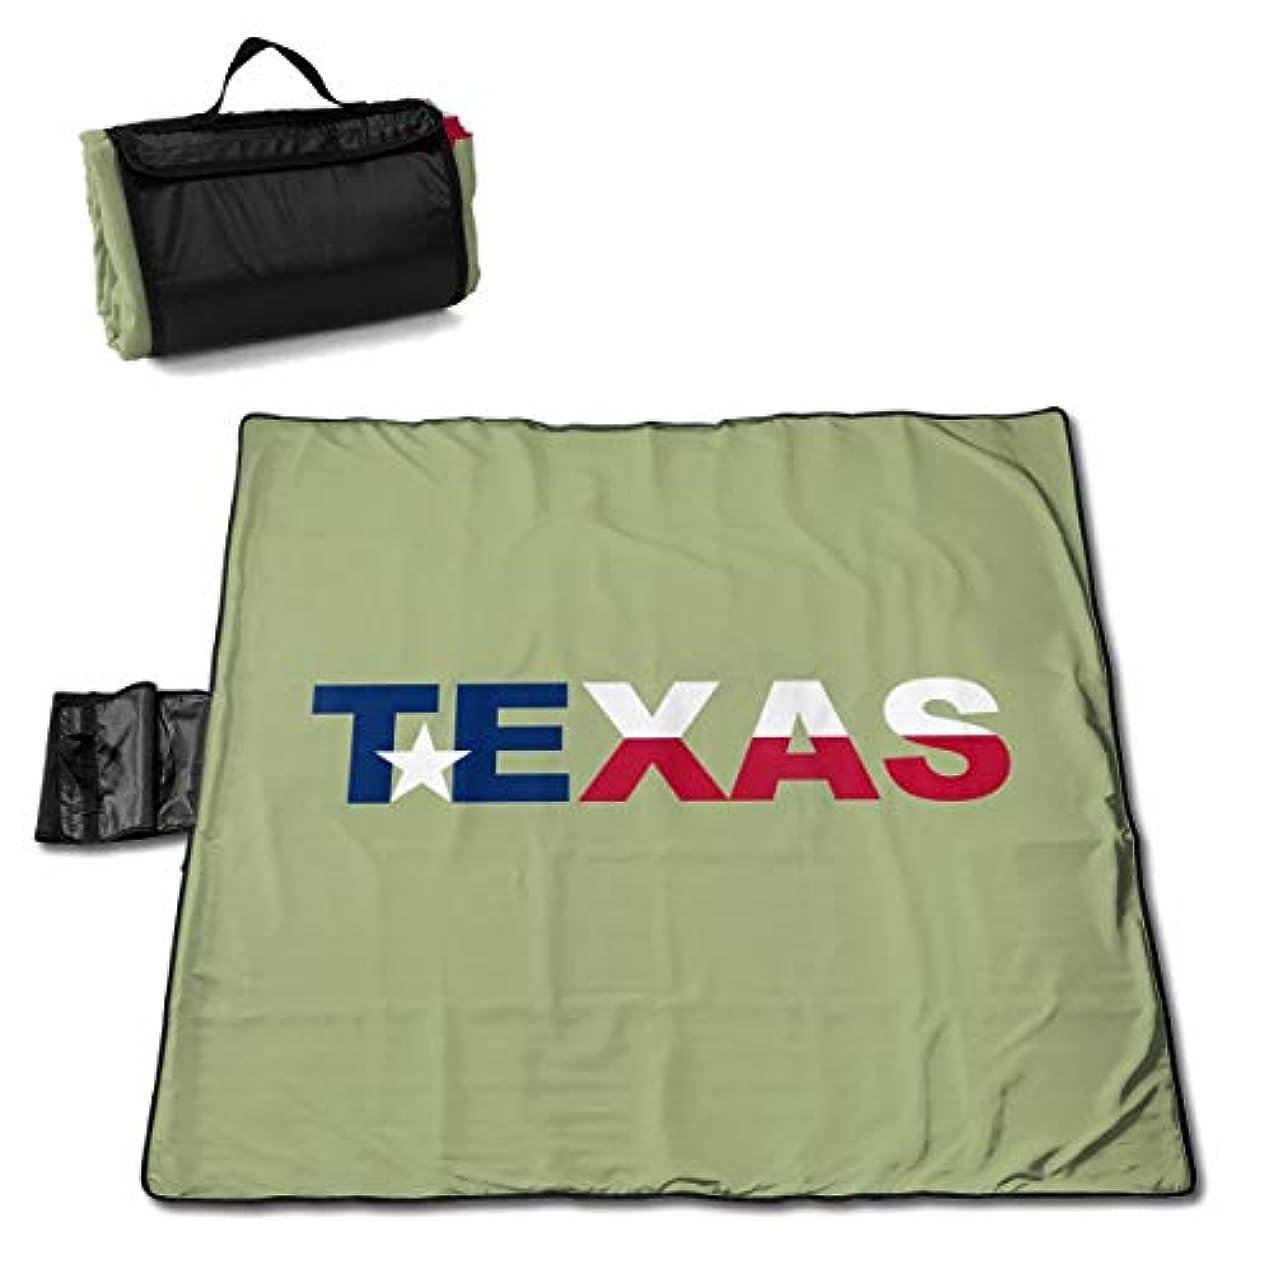 きつく主張するドナーテキサス州の旗 ピクニックマット レジャーシート ファミリー レジャーマット 防水 防潮 マット 折り畳み 持ち運び便利 四季適用び おしゃれ花火大会 運動会 遠足 キャンプ 145×150cm